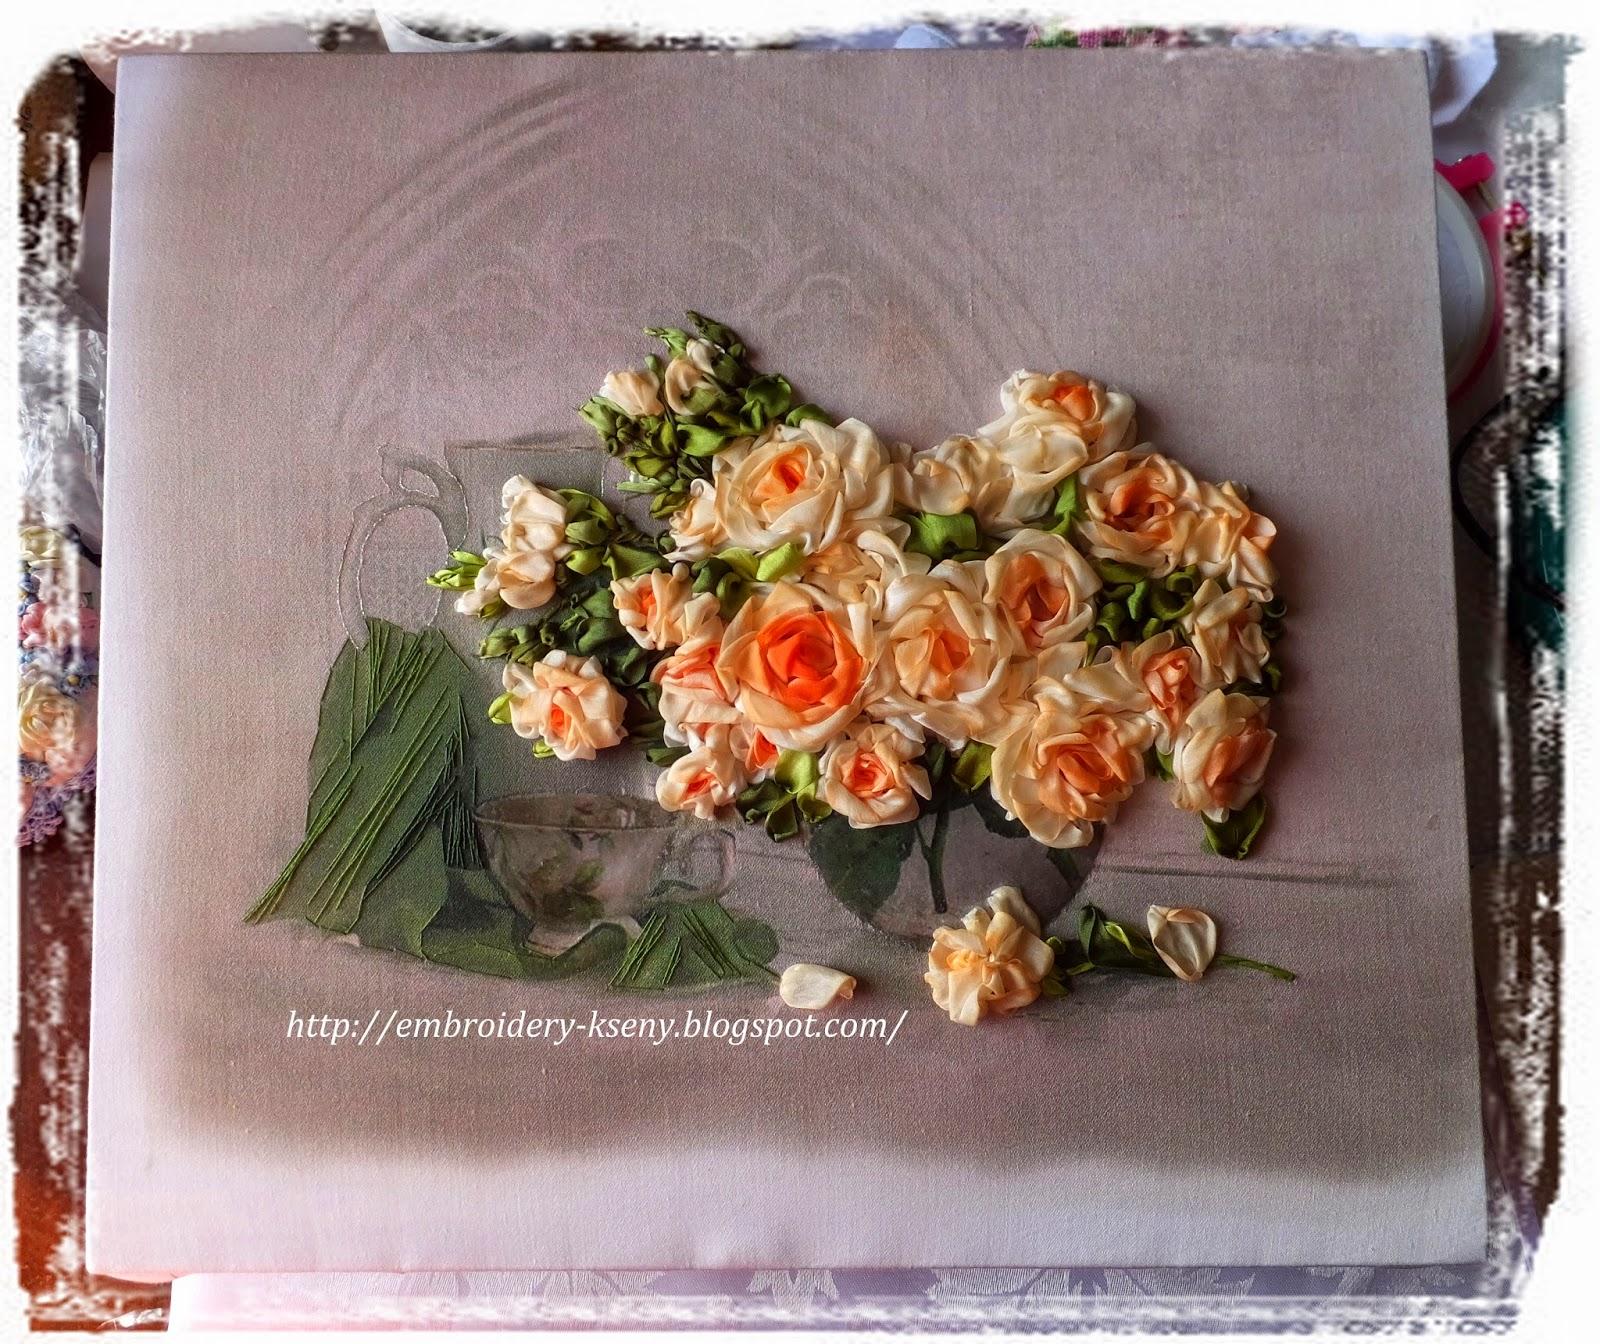 вышитая картина лентами розы, чайные розы, розы